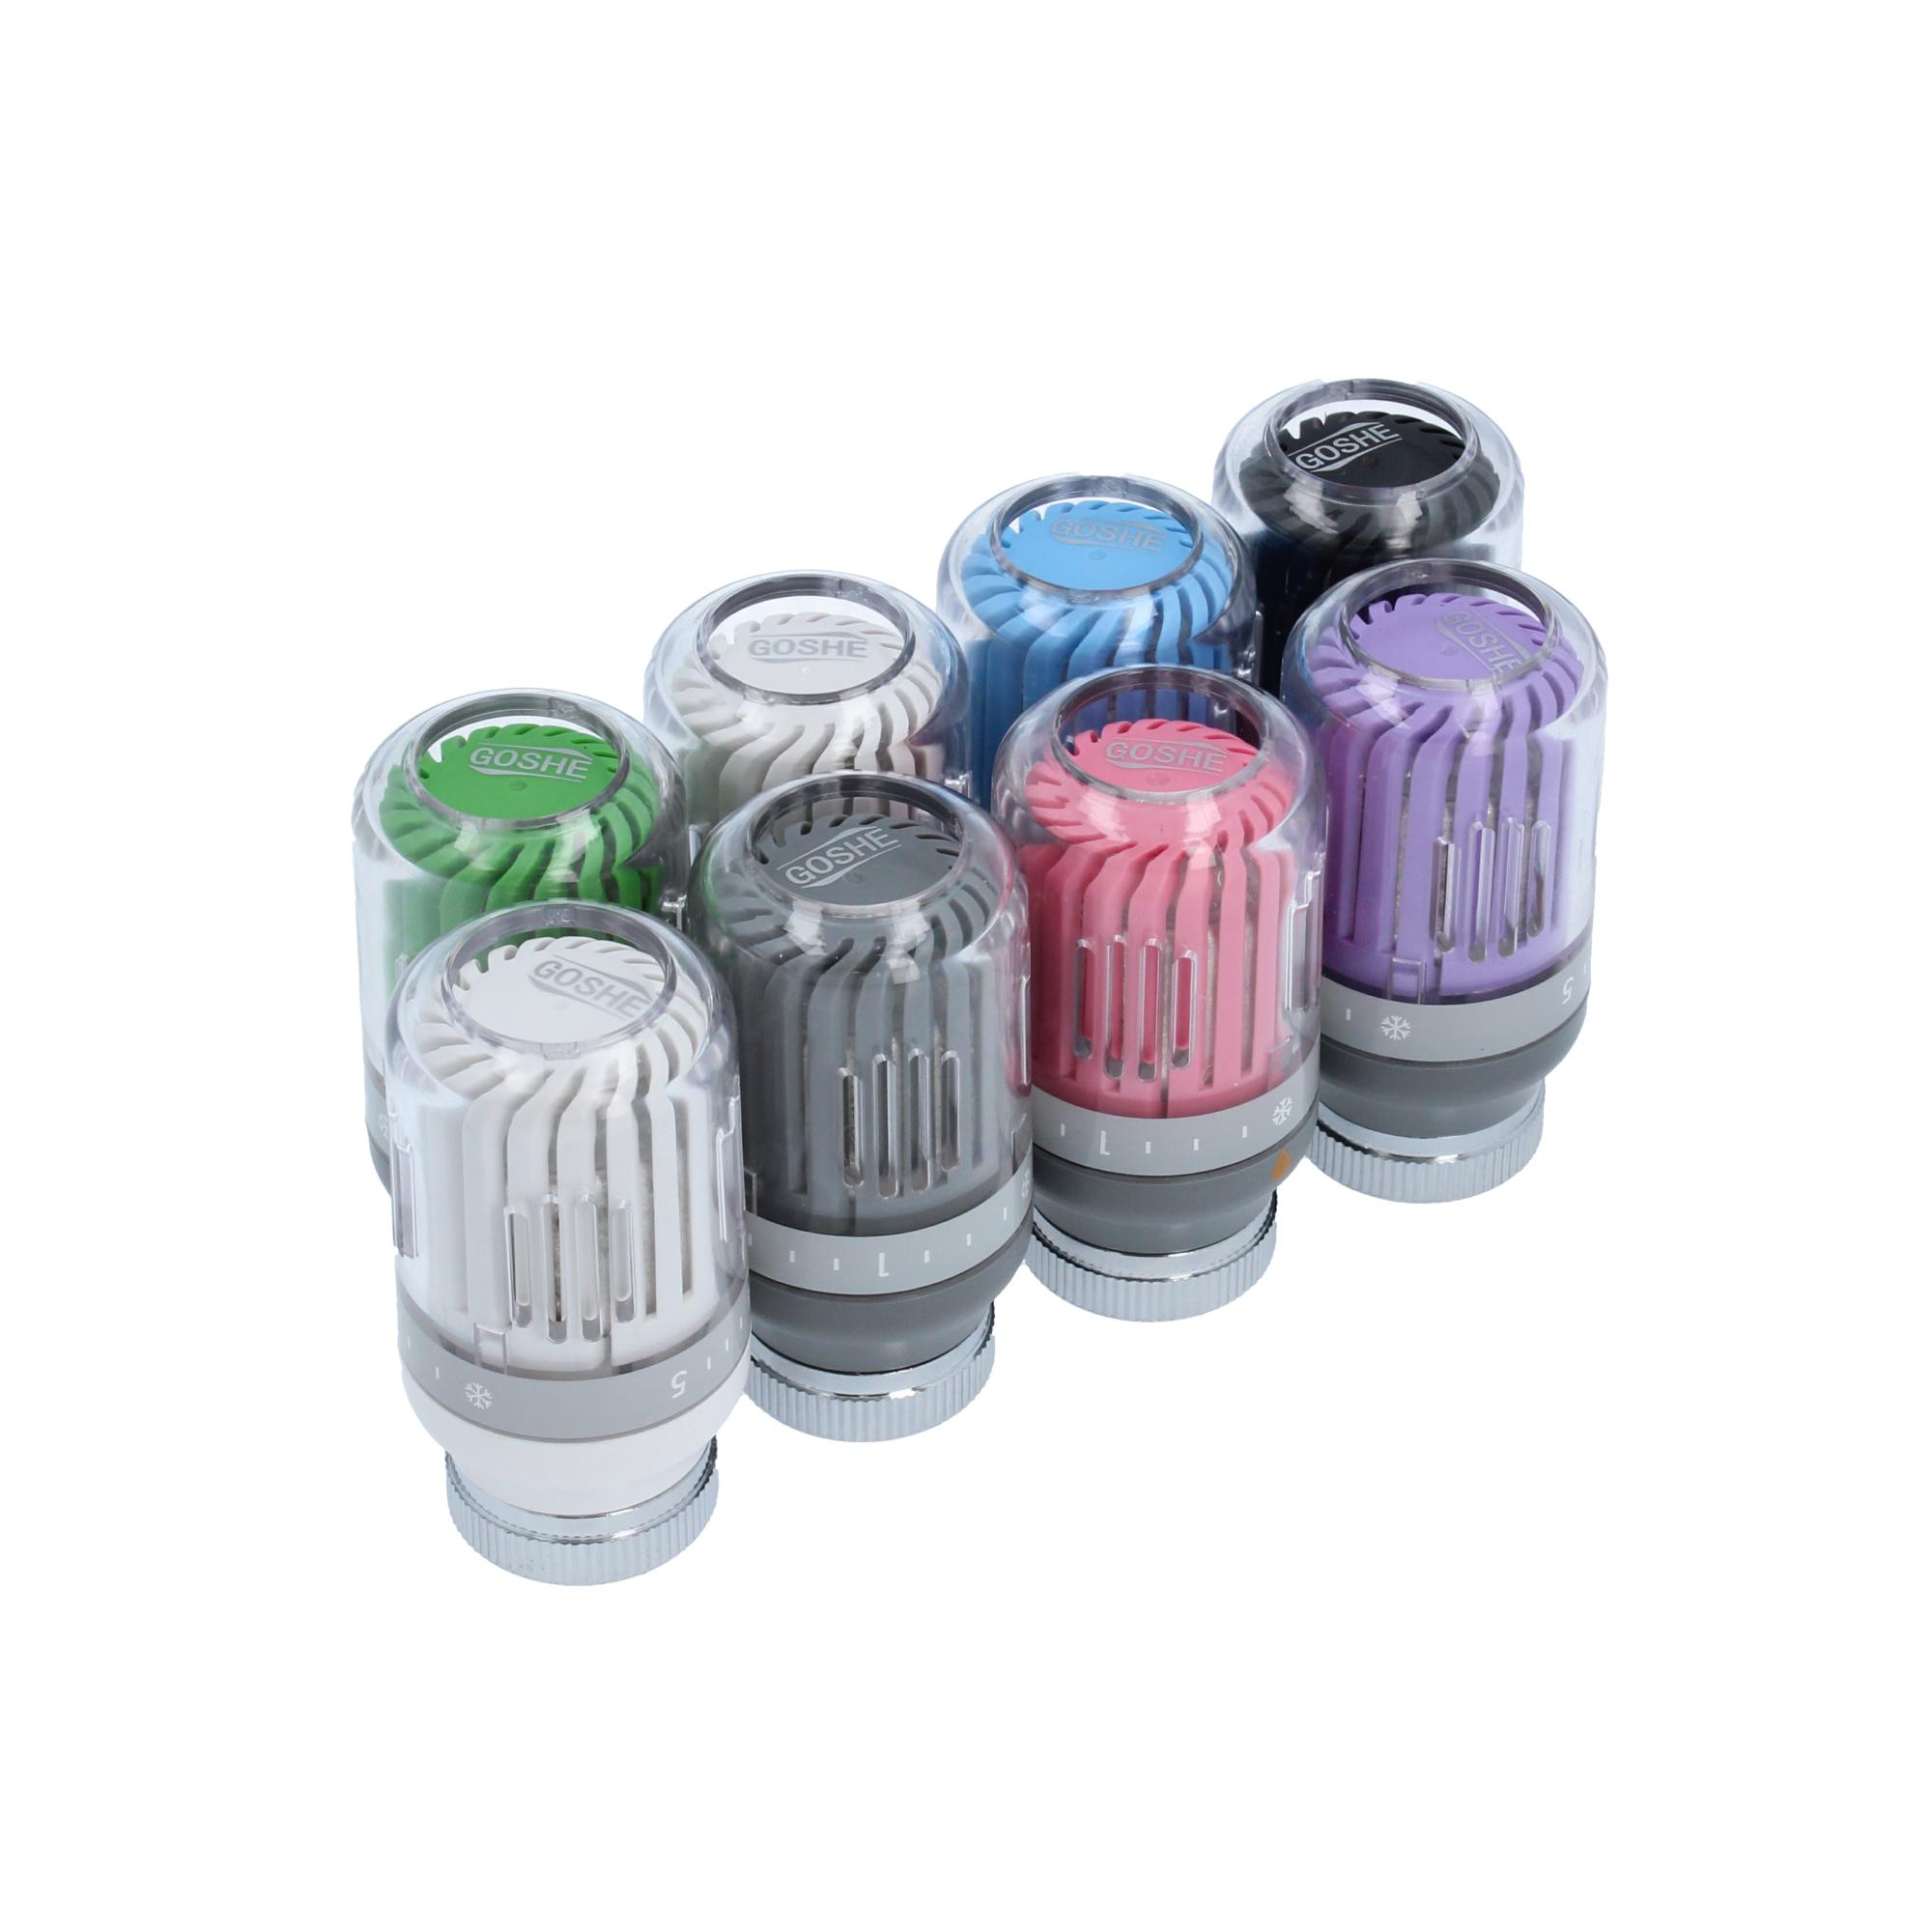 Głowica termostatyczna Crystal Color różowy-szary